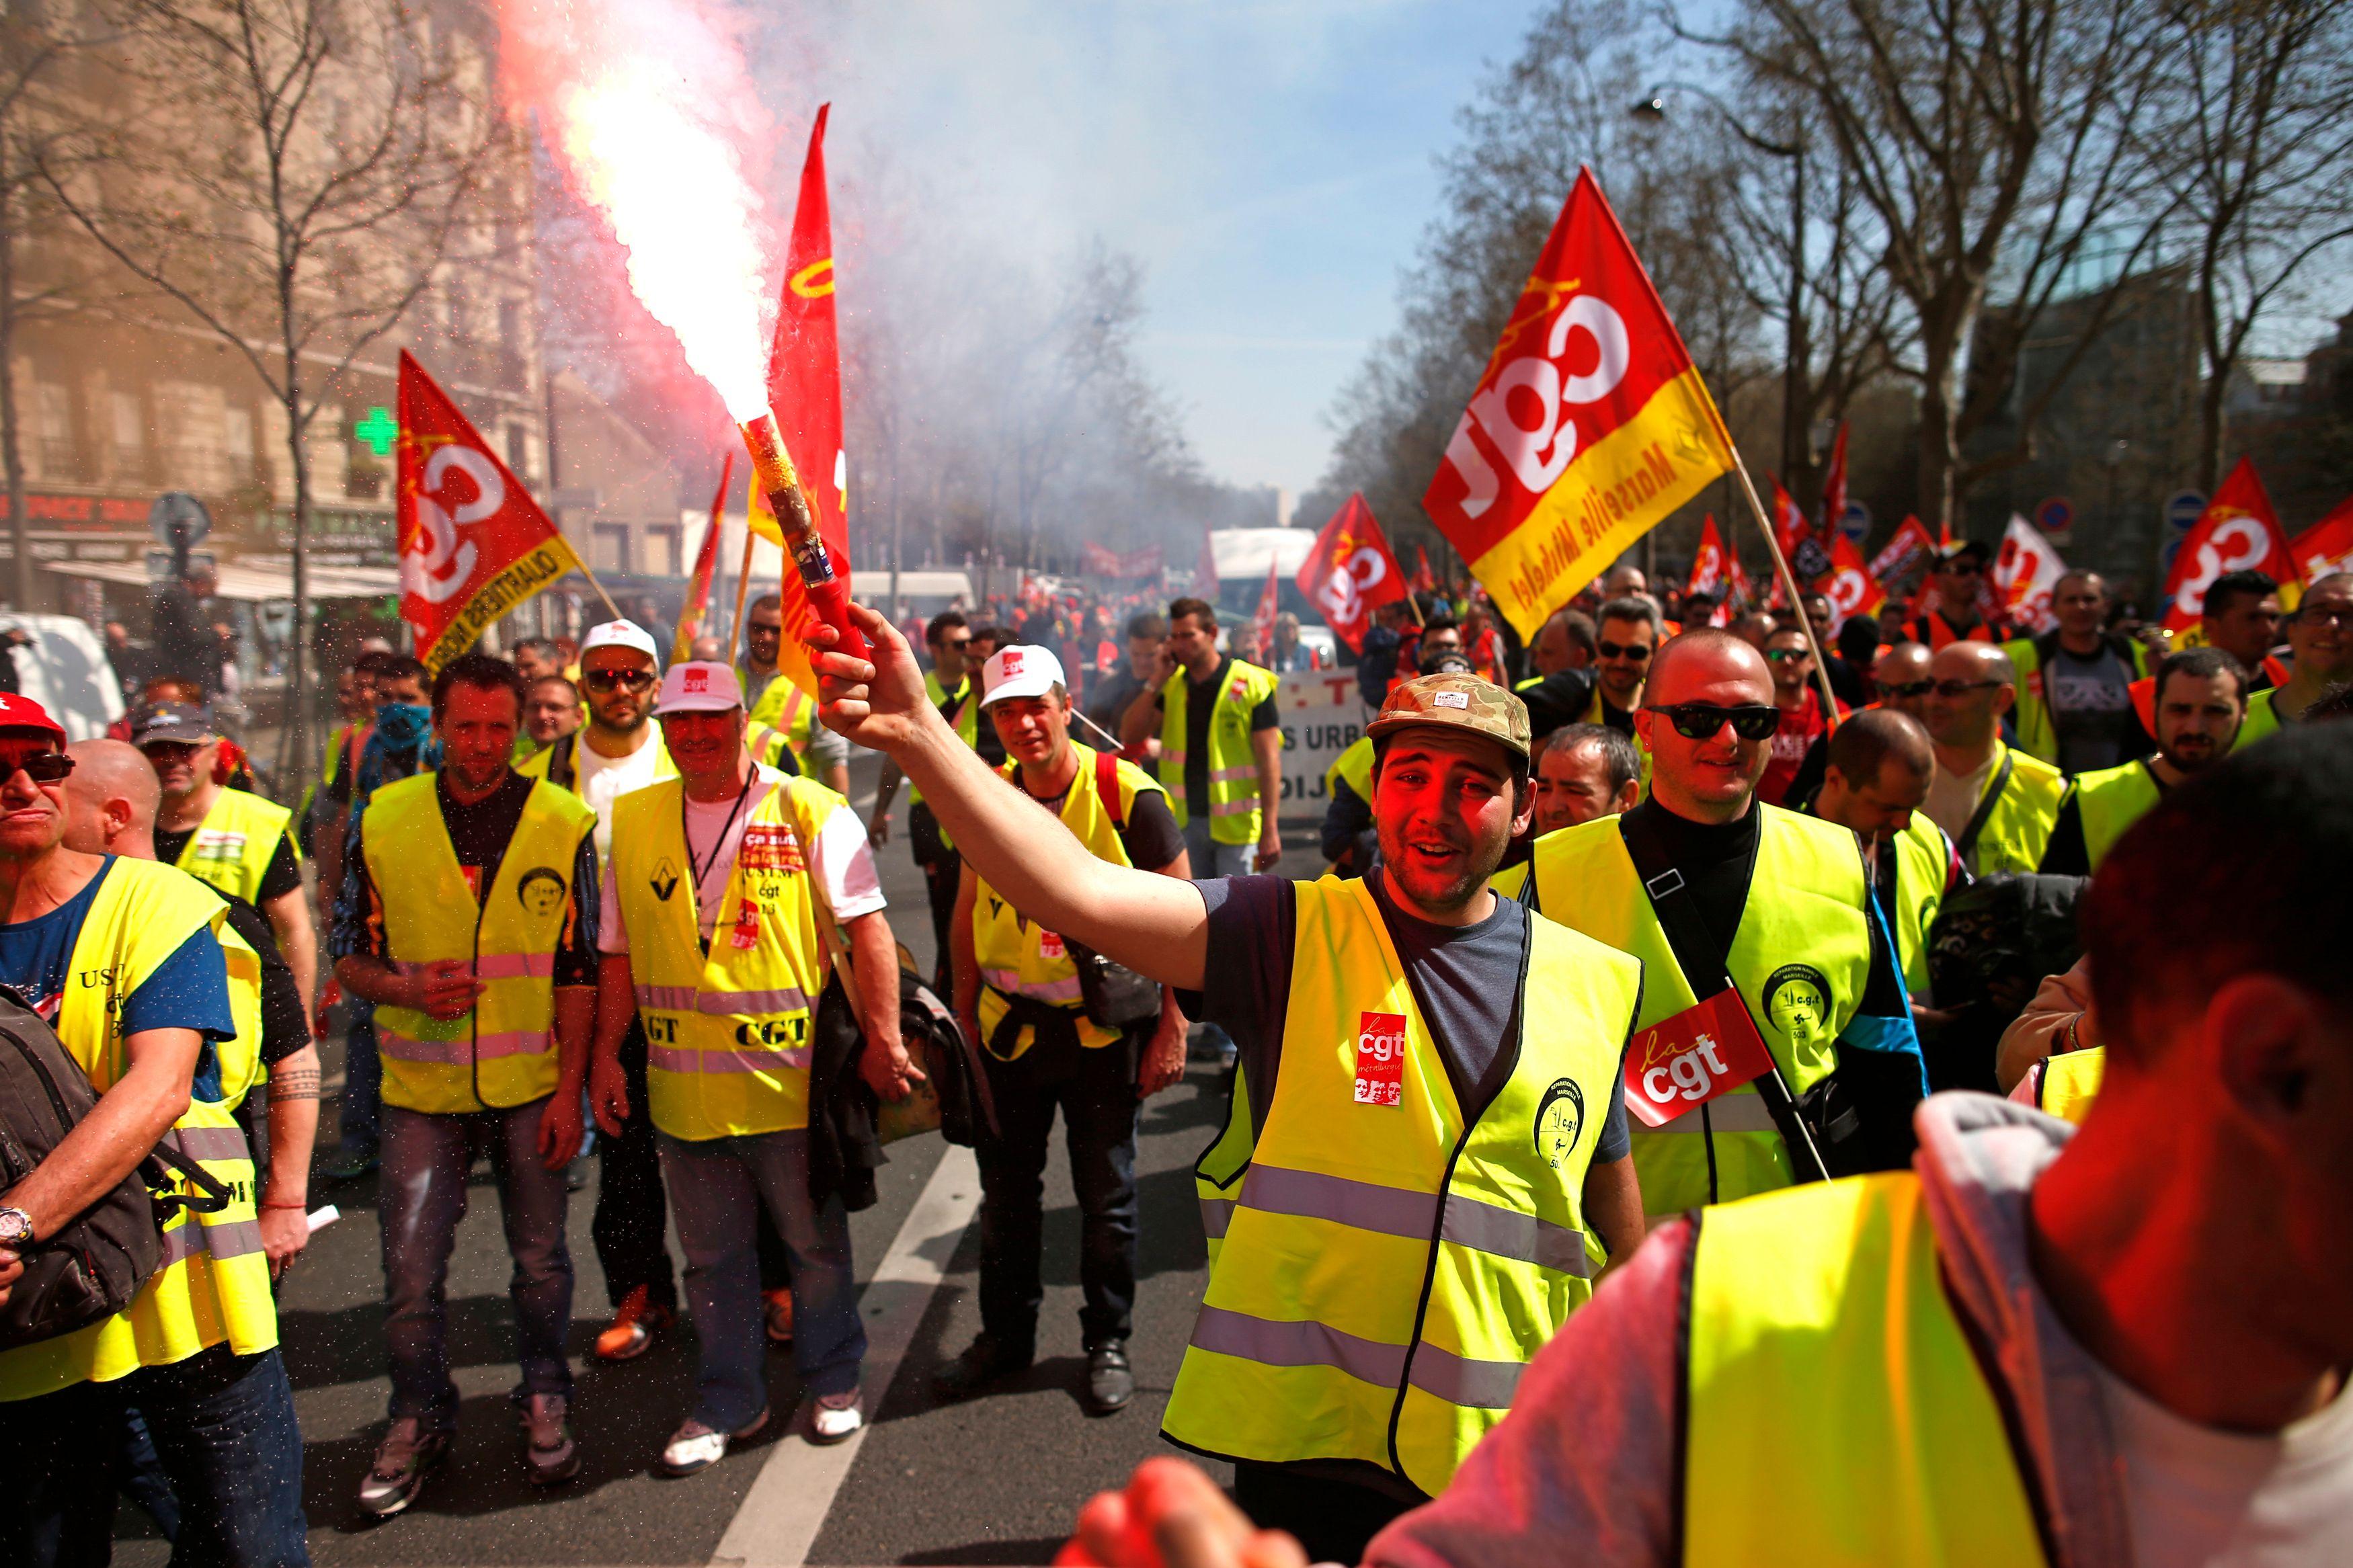 Mais pourquoi la loi travail fait-elle peur aux syndicats alors qu'elle est censée leur redonner du pouvoir ?